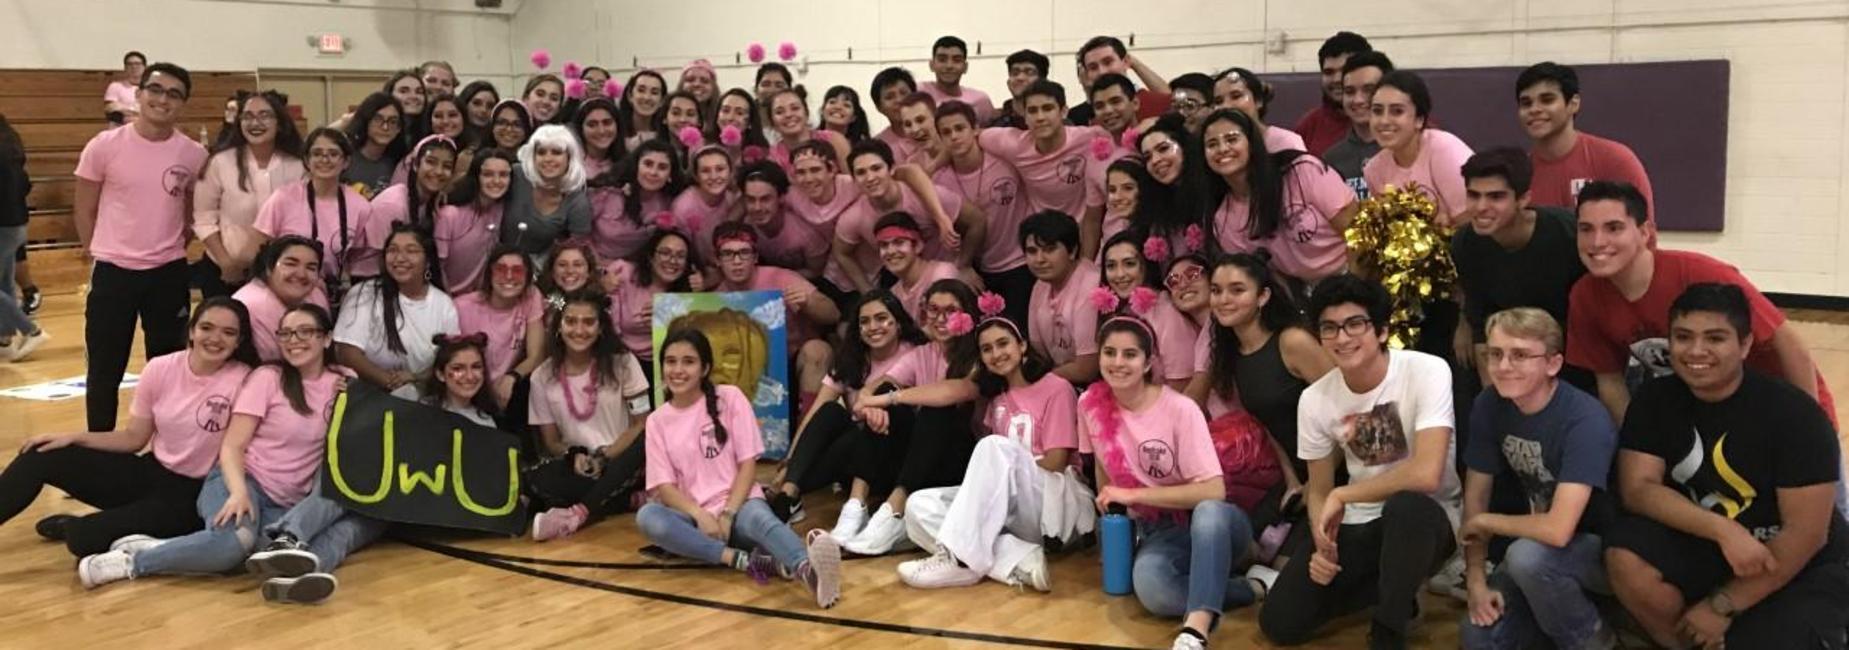 Lamar students at Beefcake